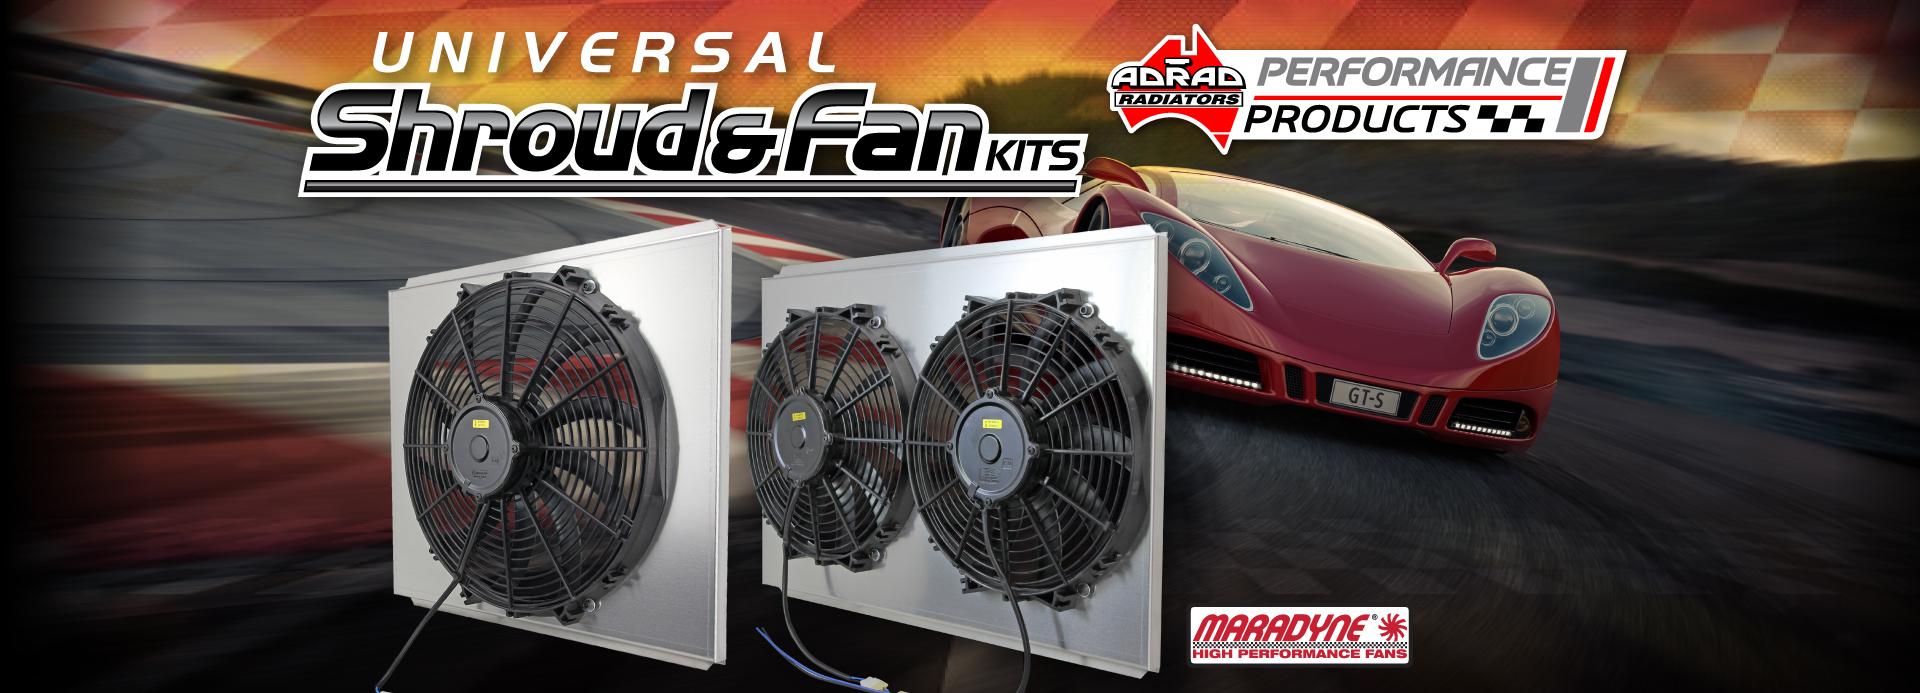 Universal Fan Shroud Kits